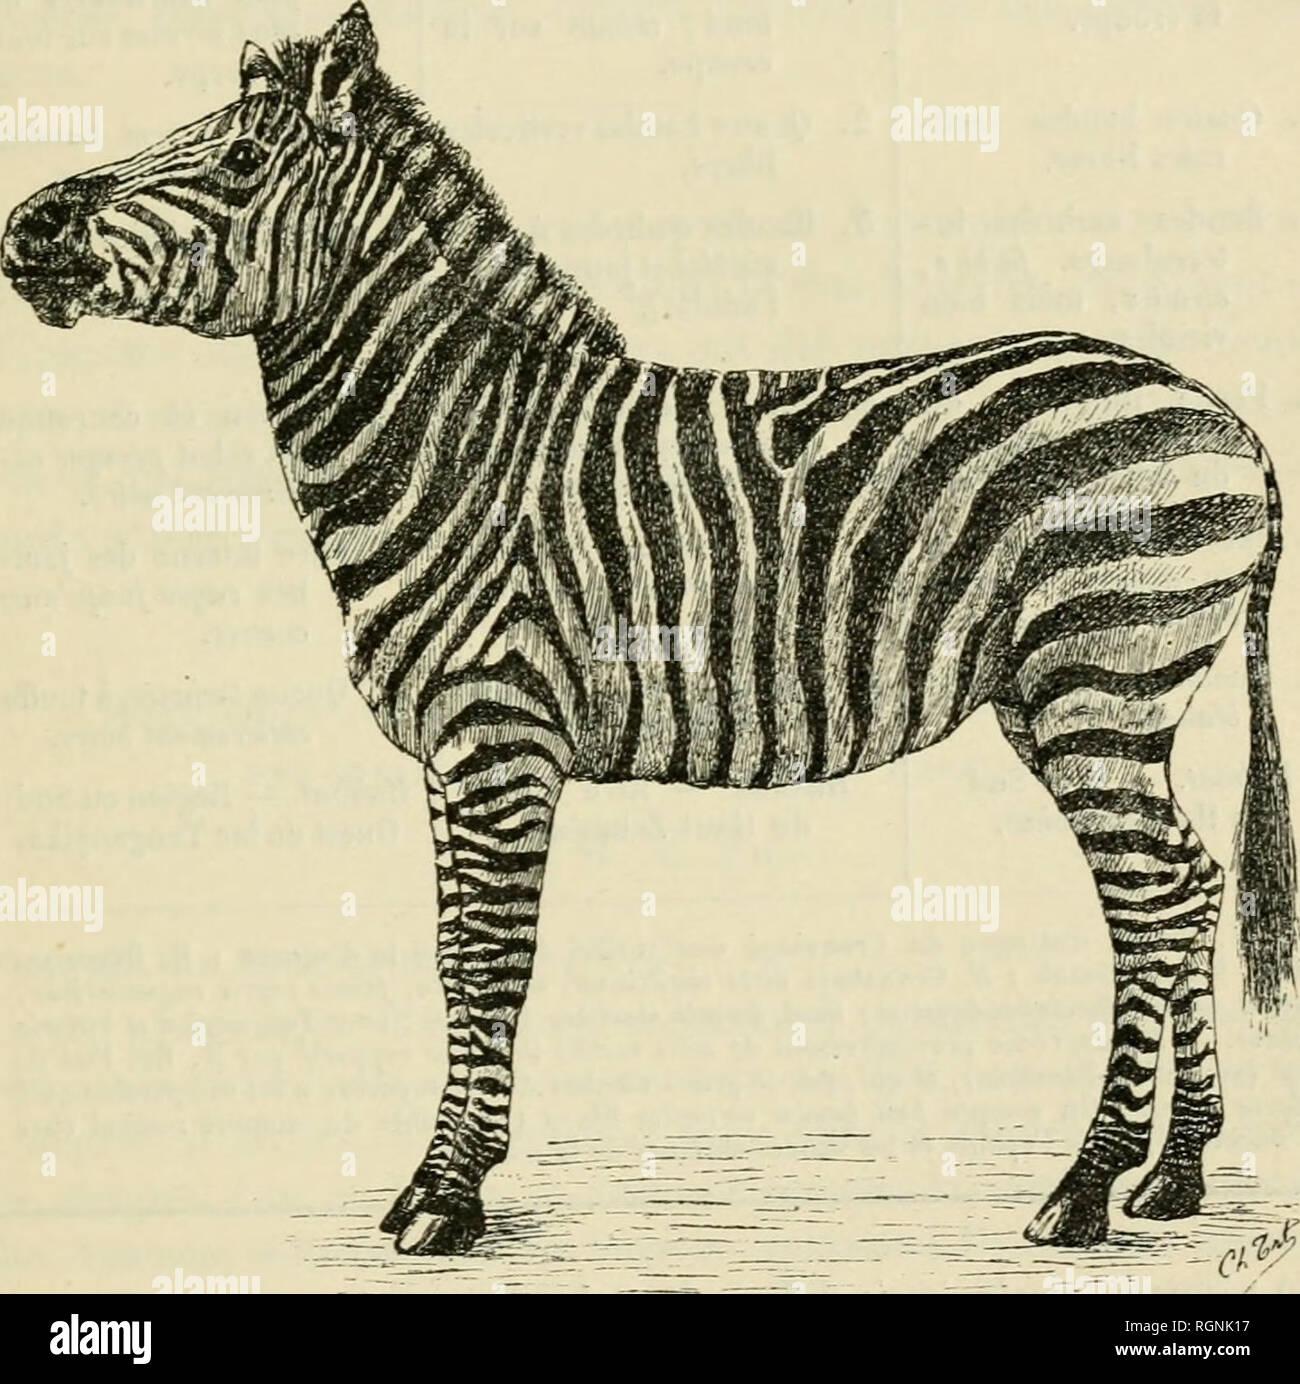 . Bulletin du Musum national d'histoire naturelle. Natural history. — 65 — élégantes que celles d'un jeune poulain du même âge de la variété E. Chap- manni. 11 existe en Europe deux autres spécimens provenant, comme celui-ci, du voyage du Dr Holub et de la même localité. L'un est au musée de Vienne (sous le nom d'£. Chapmanni); l'autre, au musée de Budapest (sous le nom d'£. Bôhmi). D'après M. Prazak, qui les a étudiés, ces trois spé- cimens sont identiques.. Zèbre de Zambèze (Equus BurcheUi subsp. zamheziensis, Prazak),' voyage du Dr Holub (Muséum de Paris). Dans le tableau suivant, on a ind - Stock Image